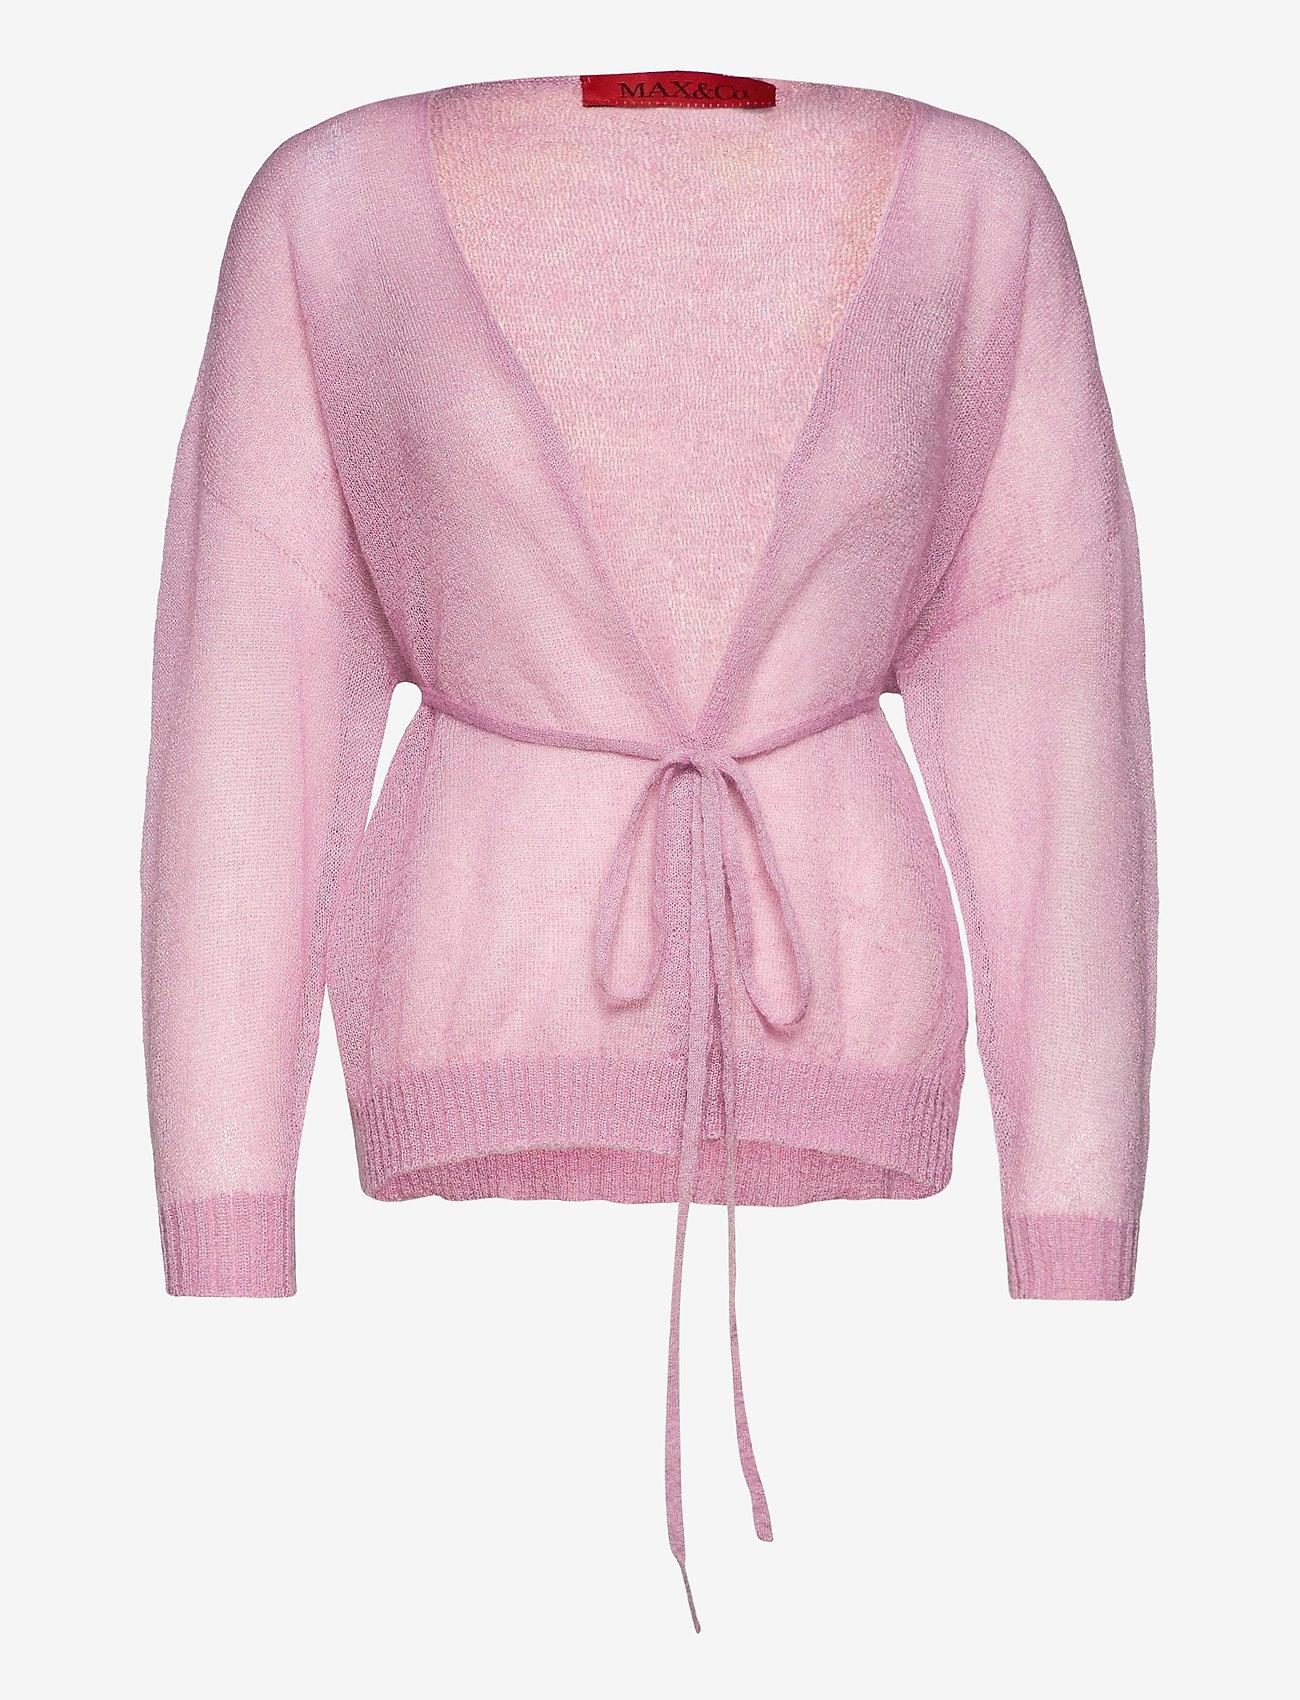 Max&Co. - CRINE - vesten - rose pink - 0